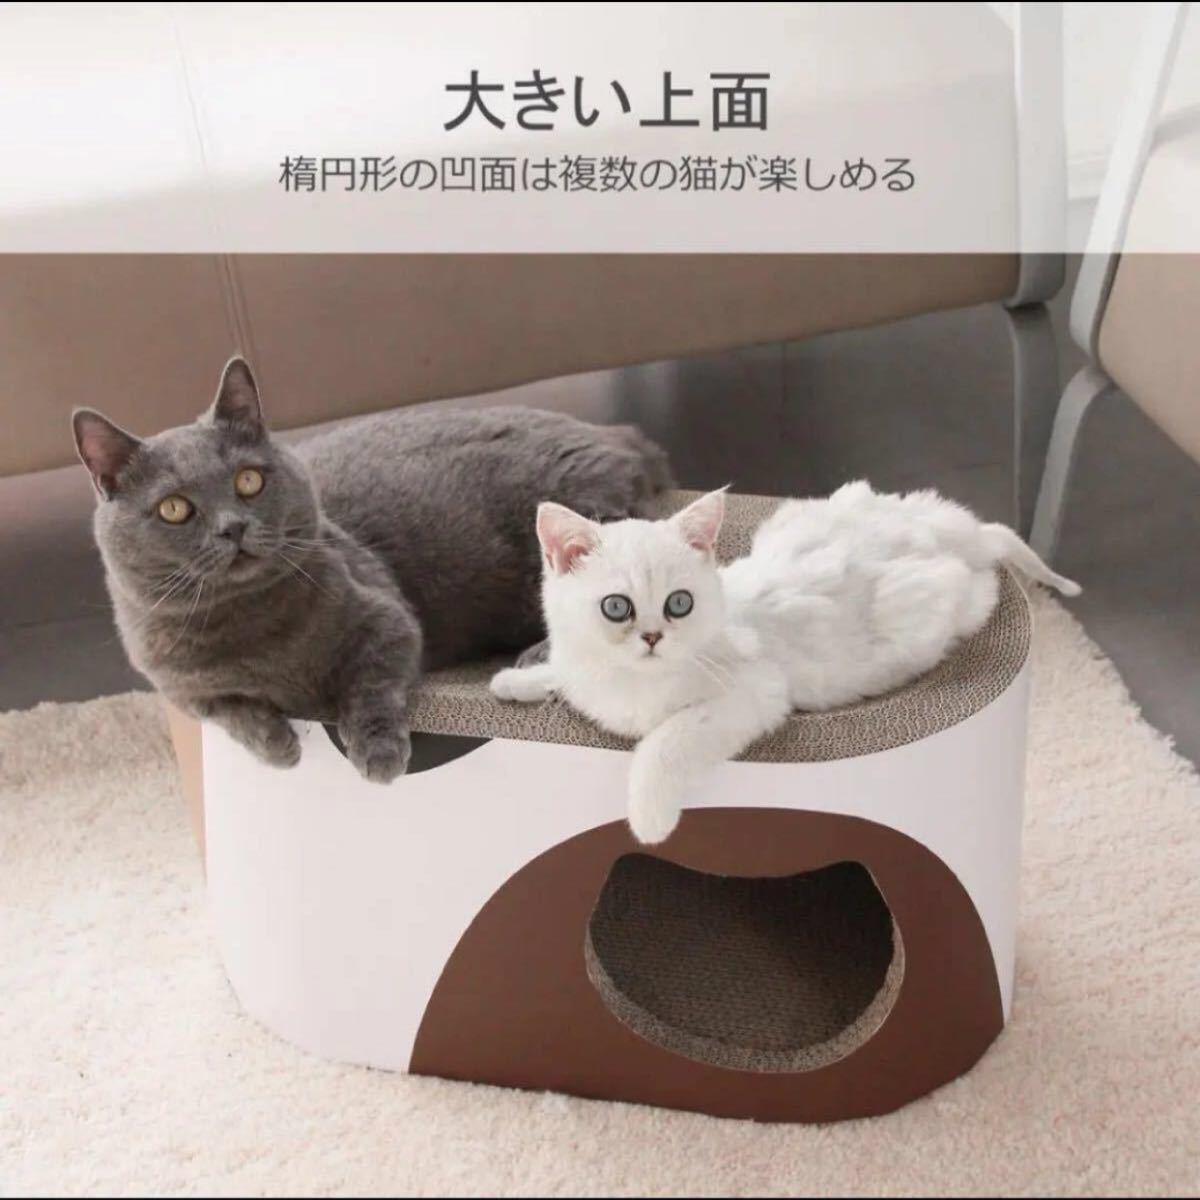 イチオシ隠れん坊ハウス**新型猫爪とぎ-登場*-*★